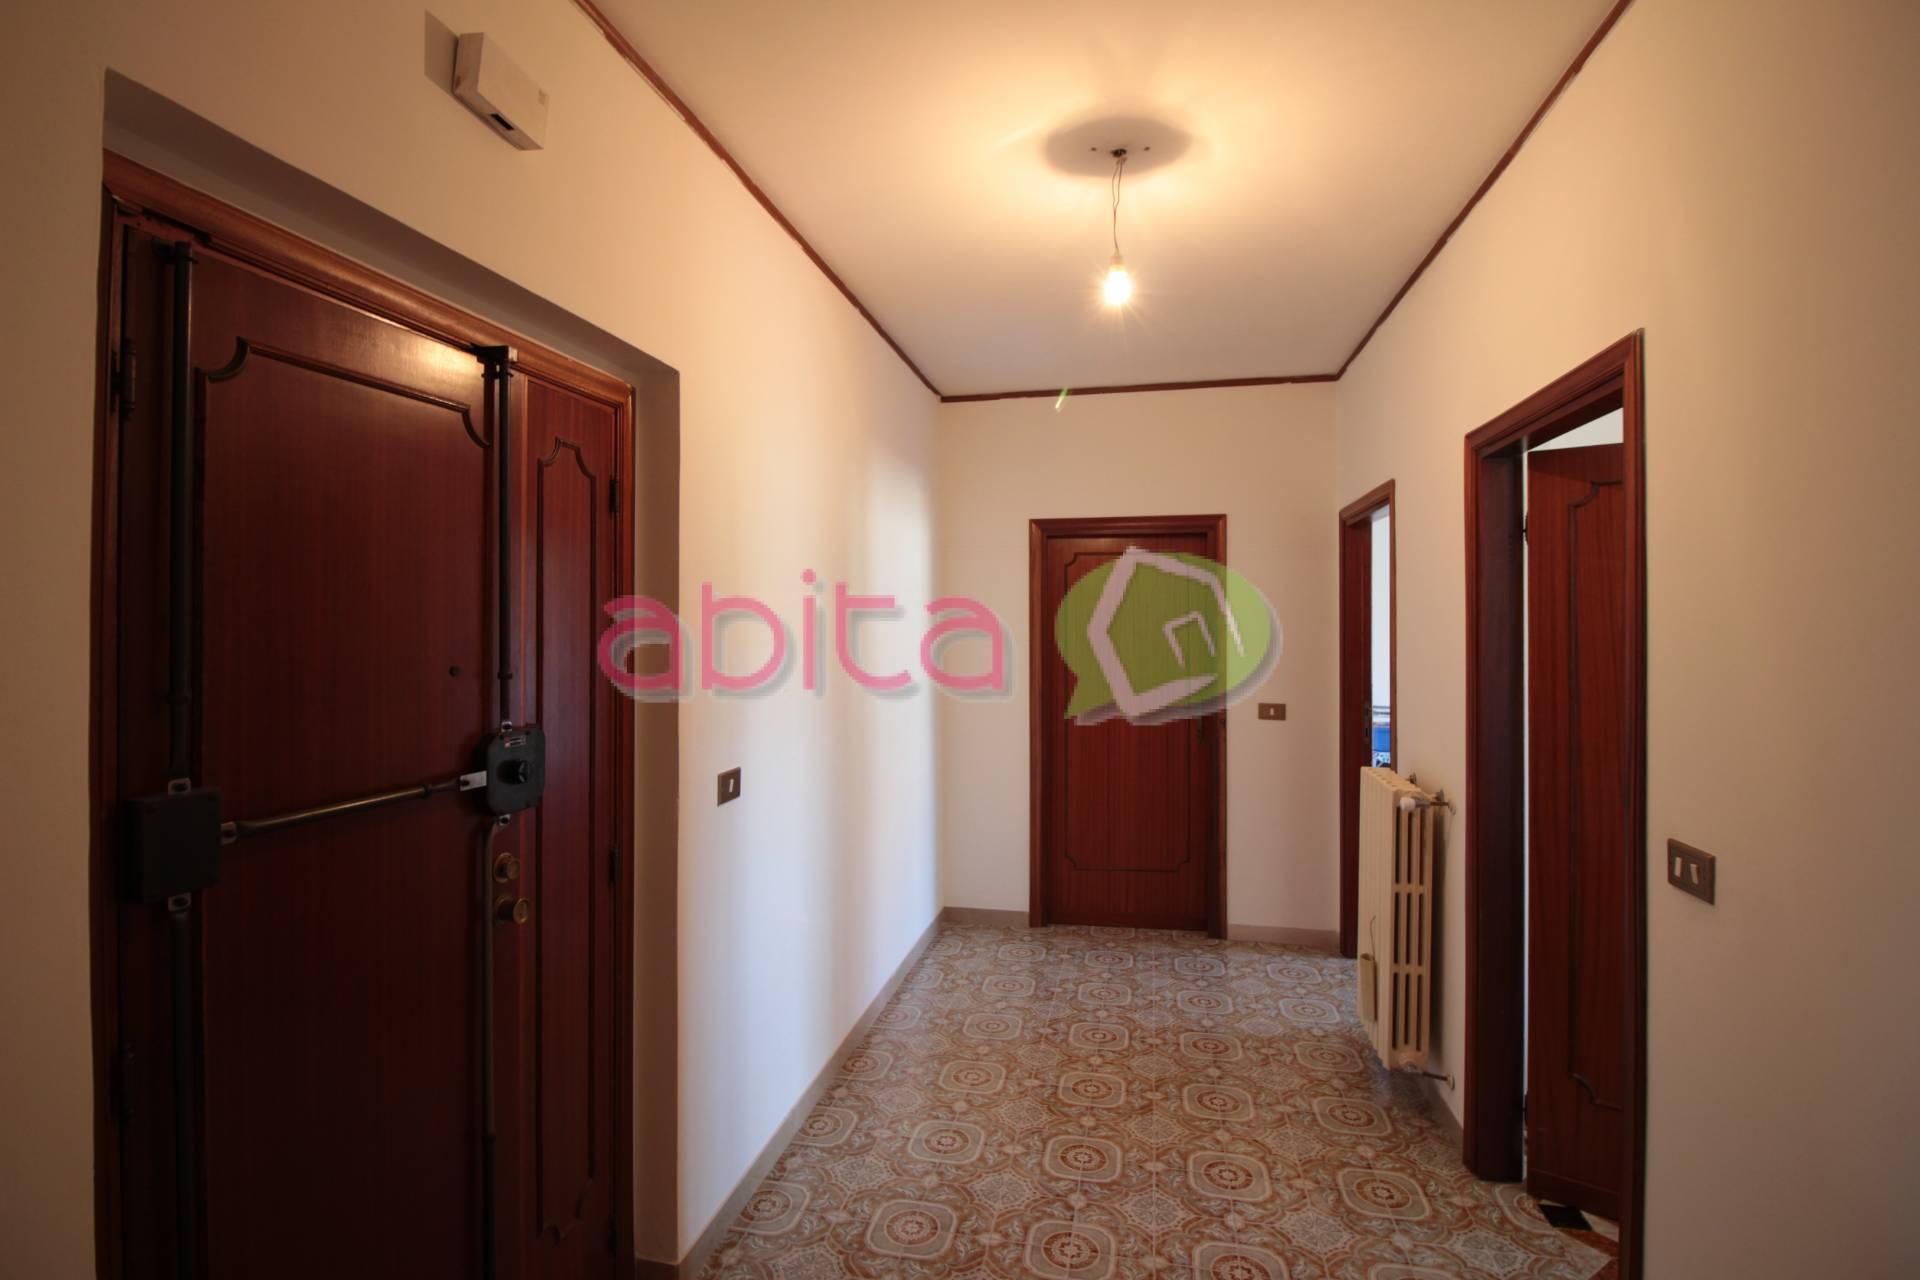 Appartamento in vendita a Spinetoli, 4 locali, zona Località: PagliaredelTronto, prezzo € 80.000   CambioCasa.it